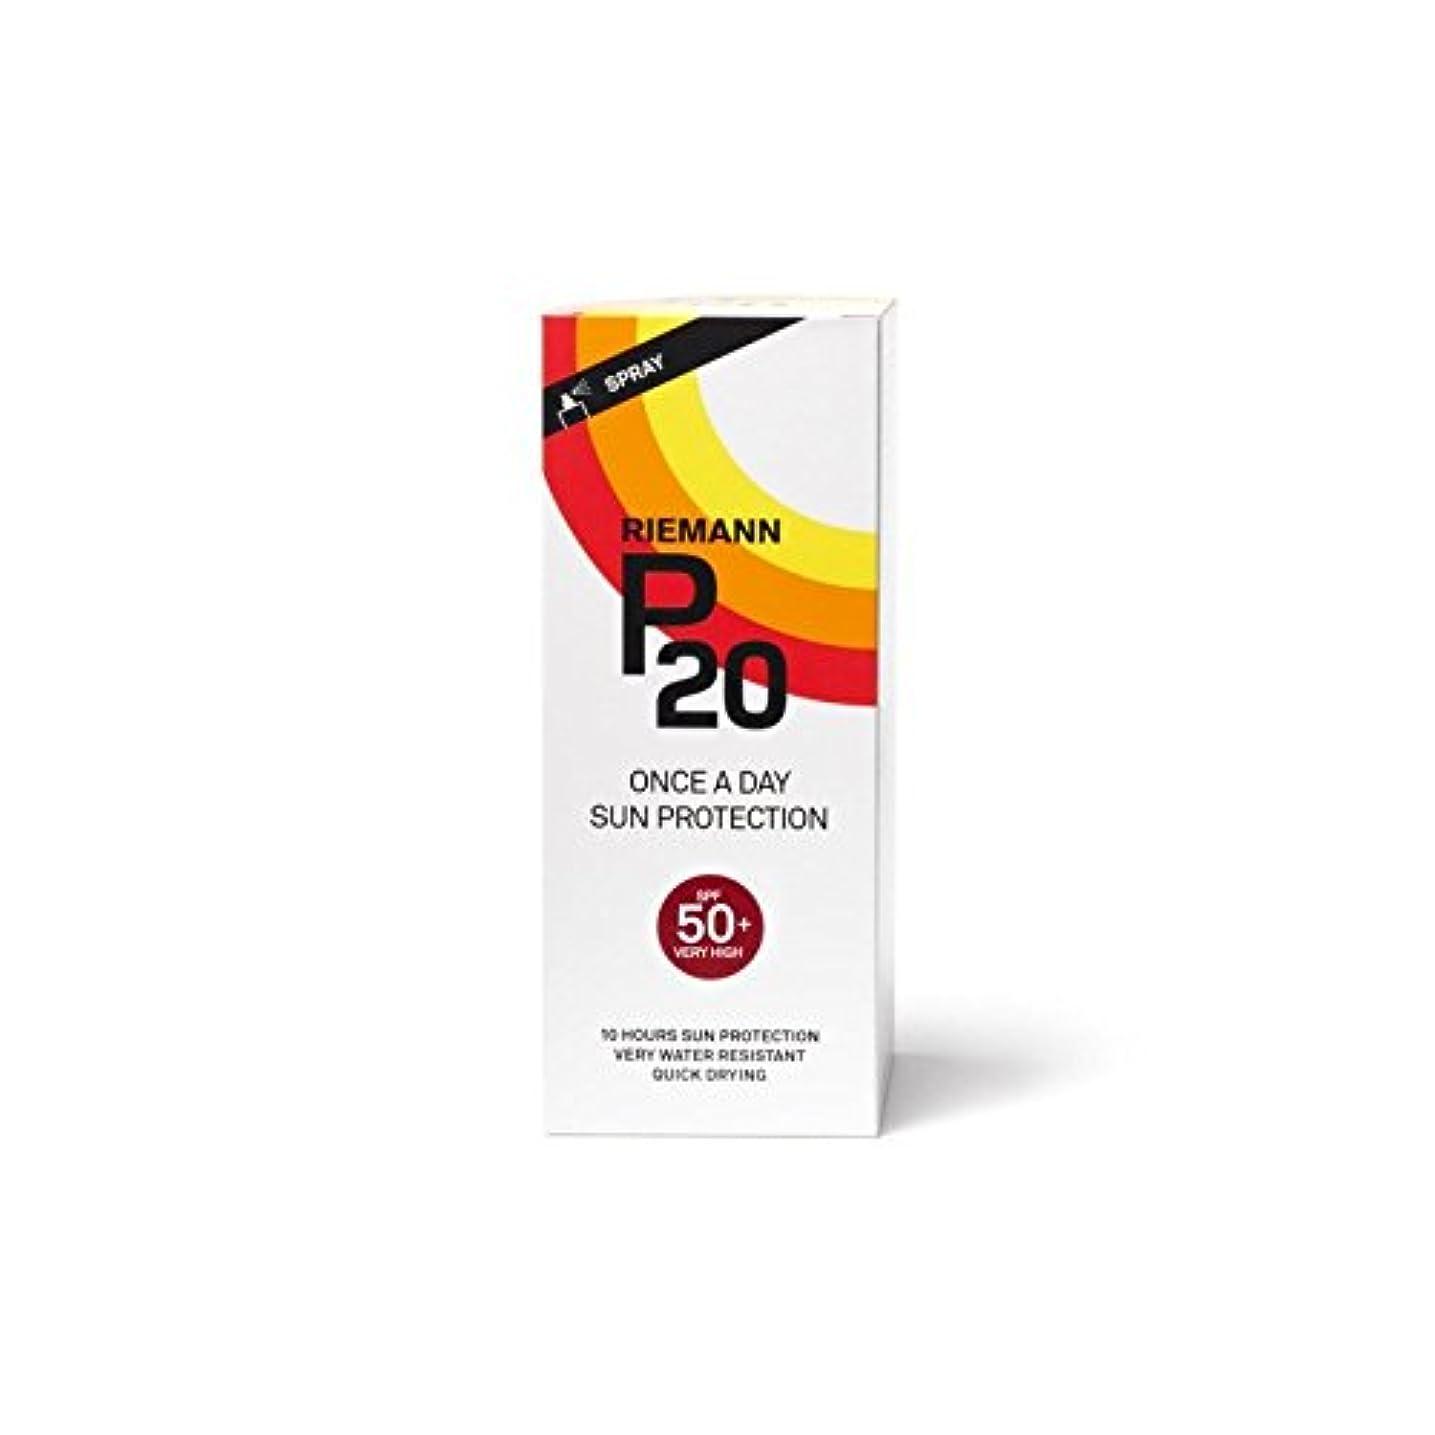 トライアスロンバイバイフィールドRiemann P20 Once a Day Sun Filter 200ml SPF50+ - 一日の日に一度リーマン20は、200ミリリットル50 +のをフィルタリング [並行輸入品]